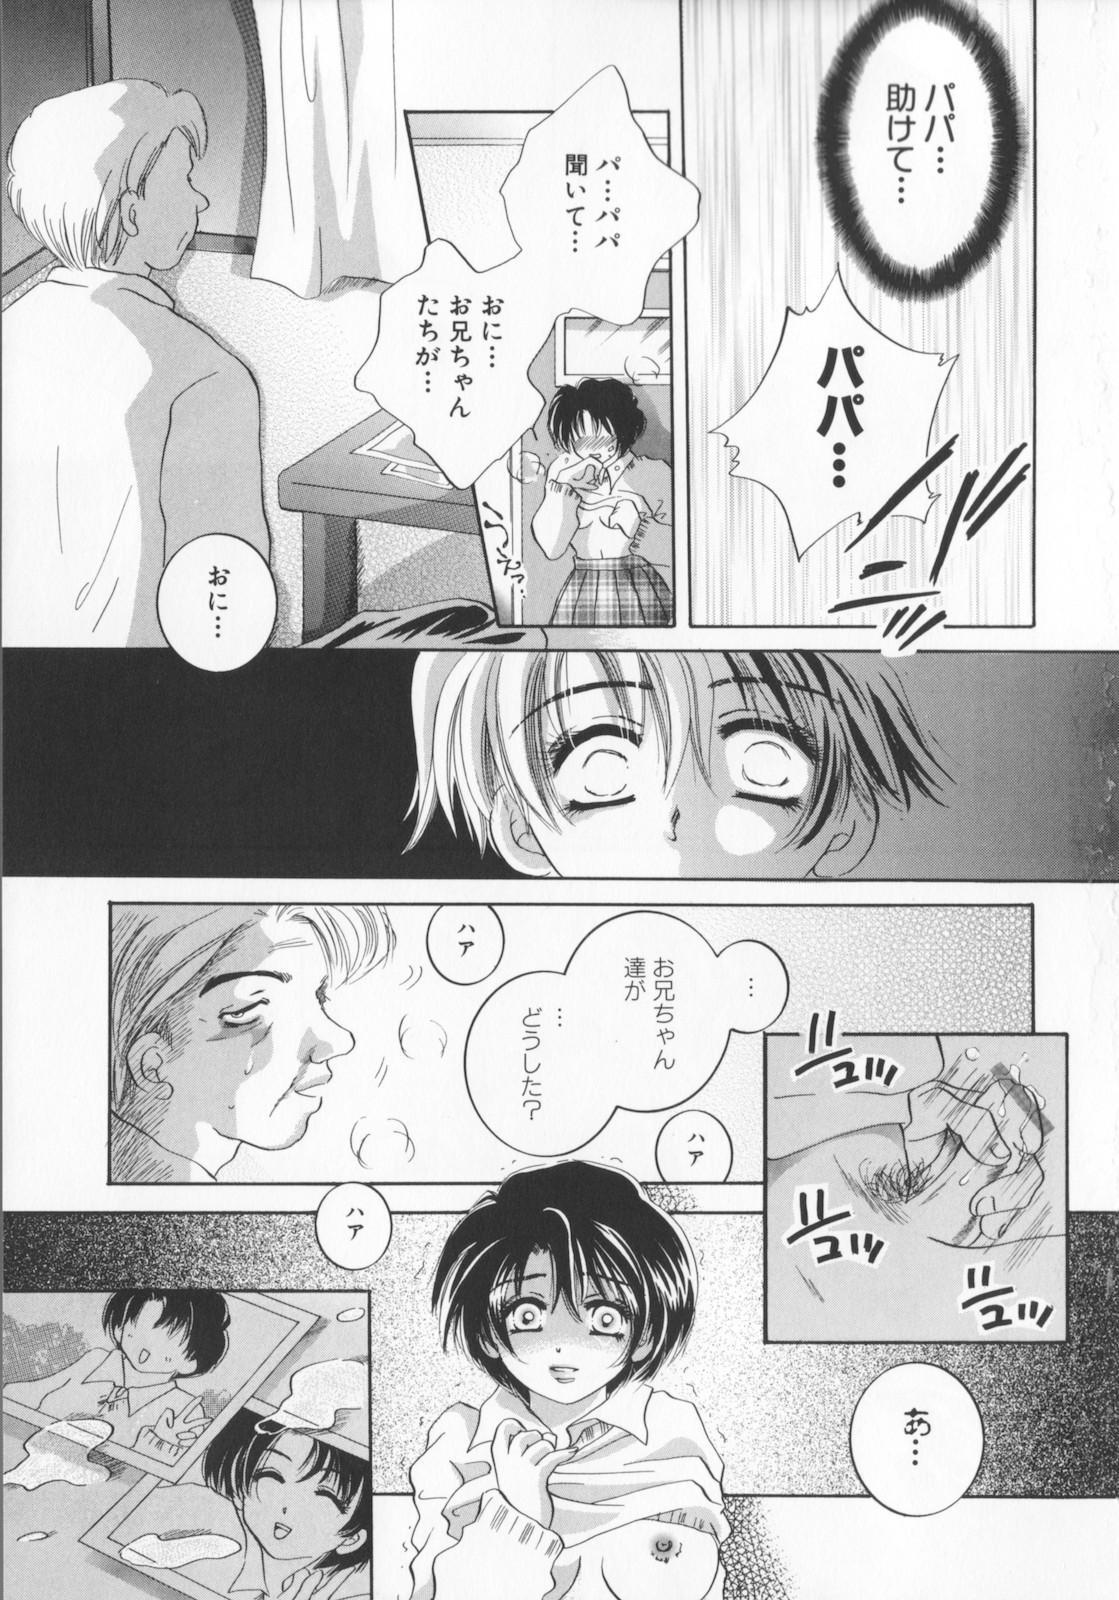 Kichiku dorei 50